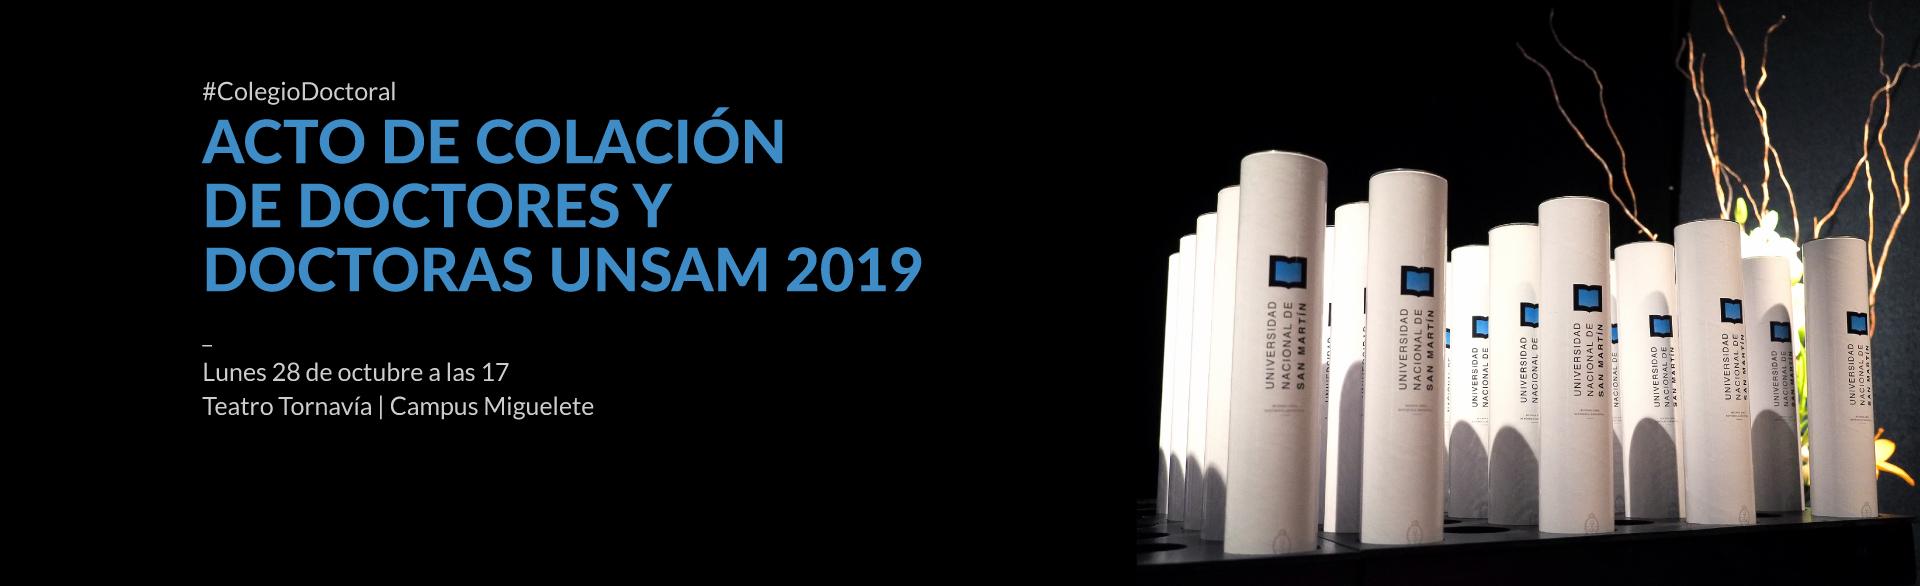 Acto de colación de doctores y doctoras UNSAM 2019